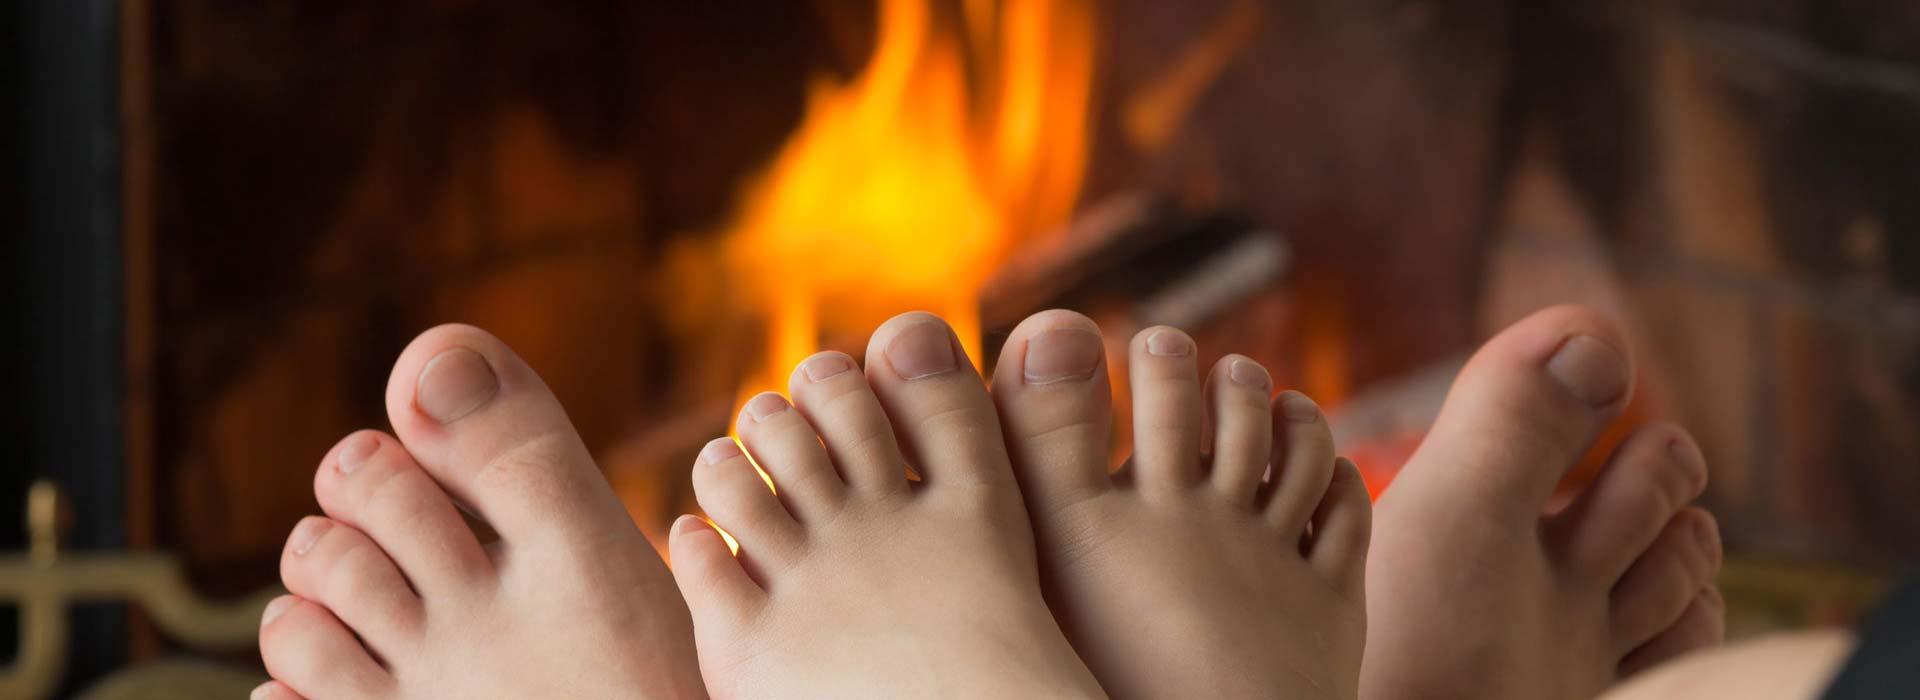 White Flame Inc, Lindon Utah, Wood Pellets, Wood Pellet Stove, Pellet, Clean Energy